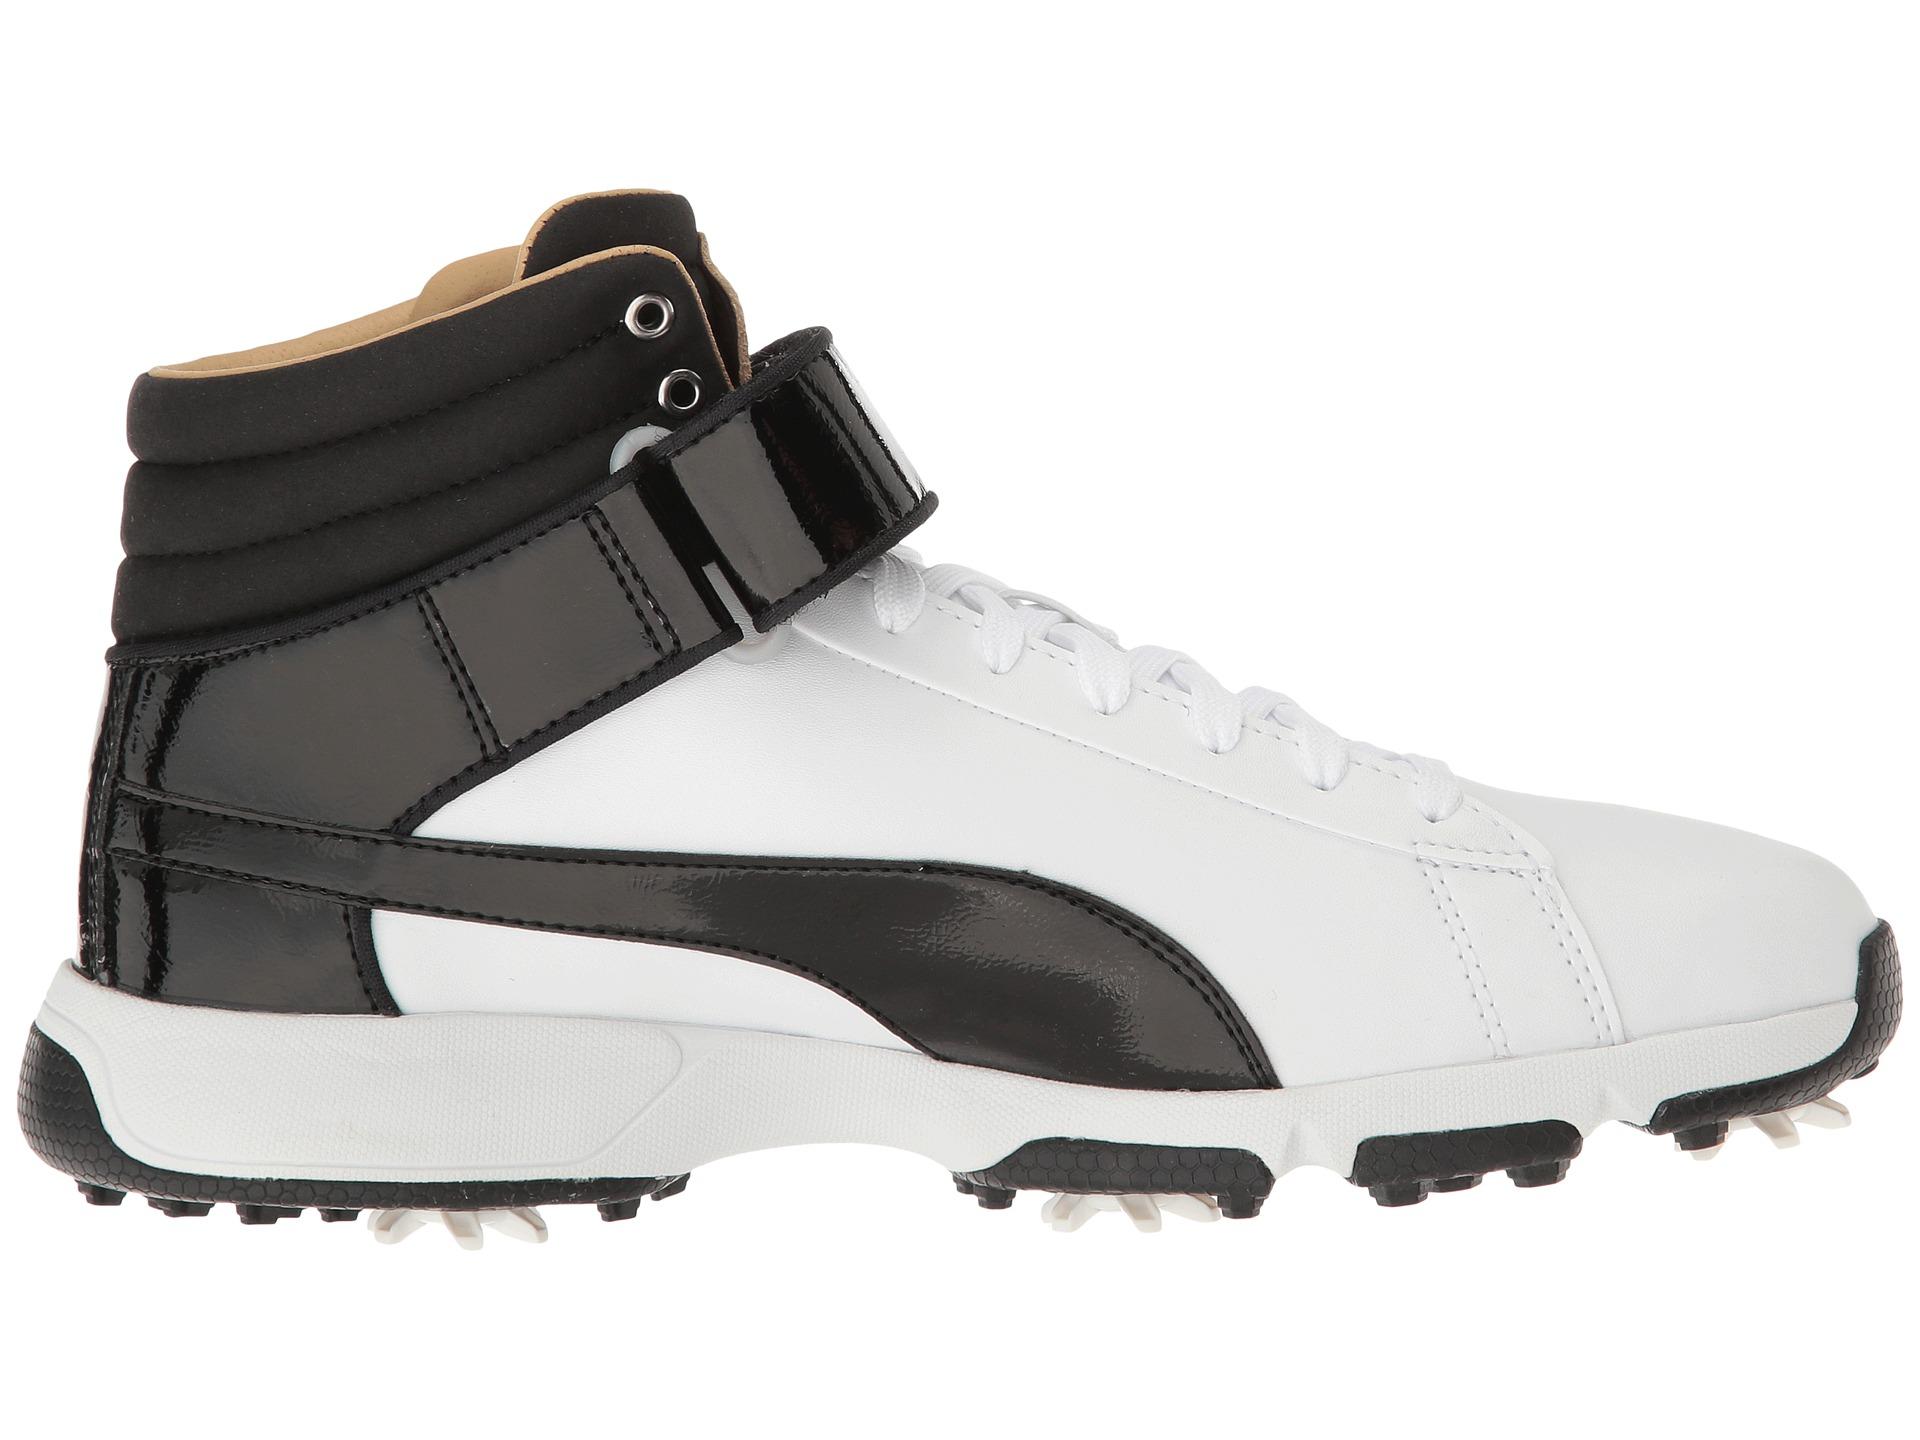 Zappos Puma Golf Shoes